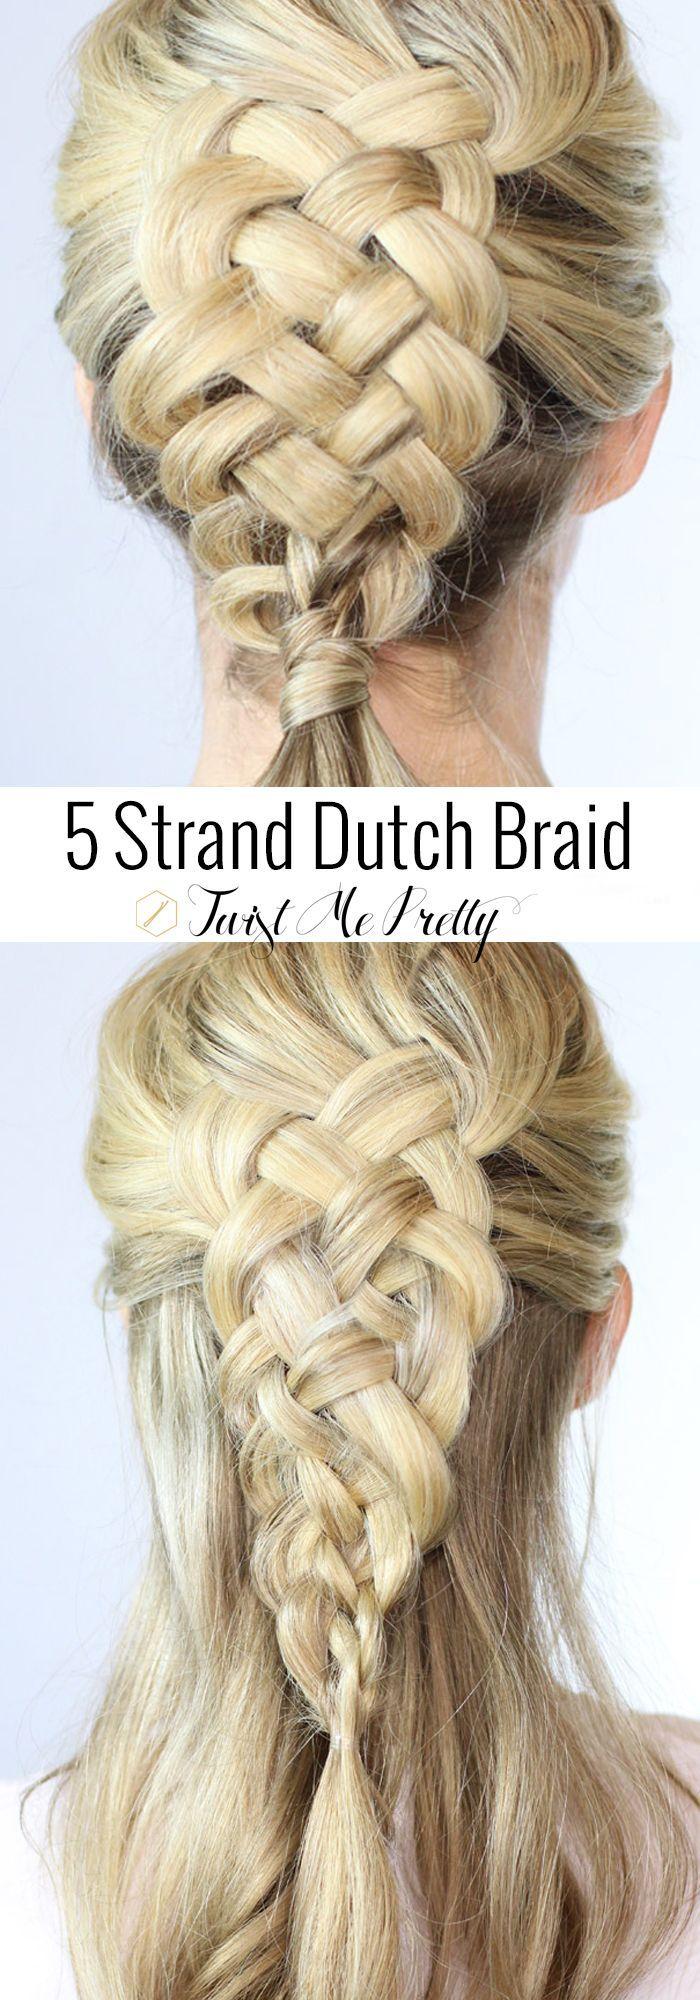 5-Strand Dutch Braid